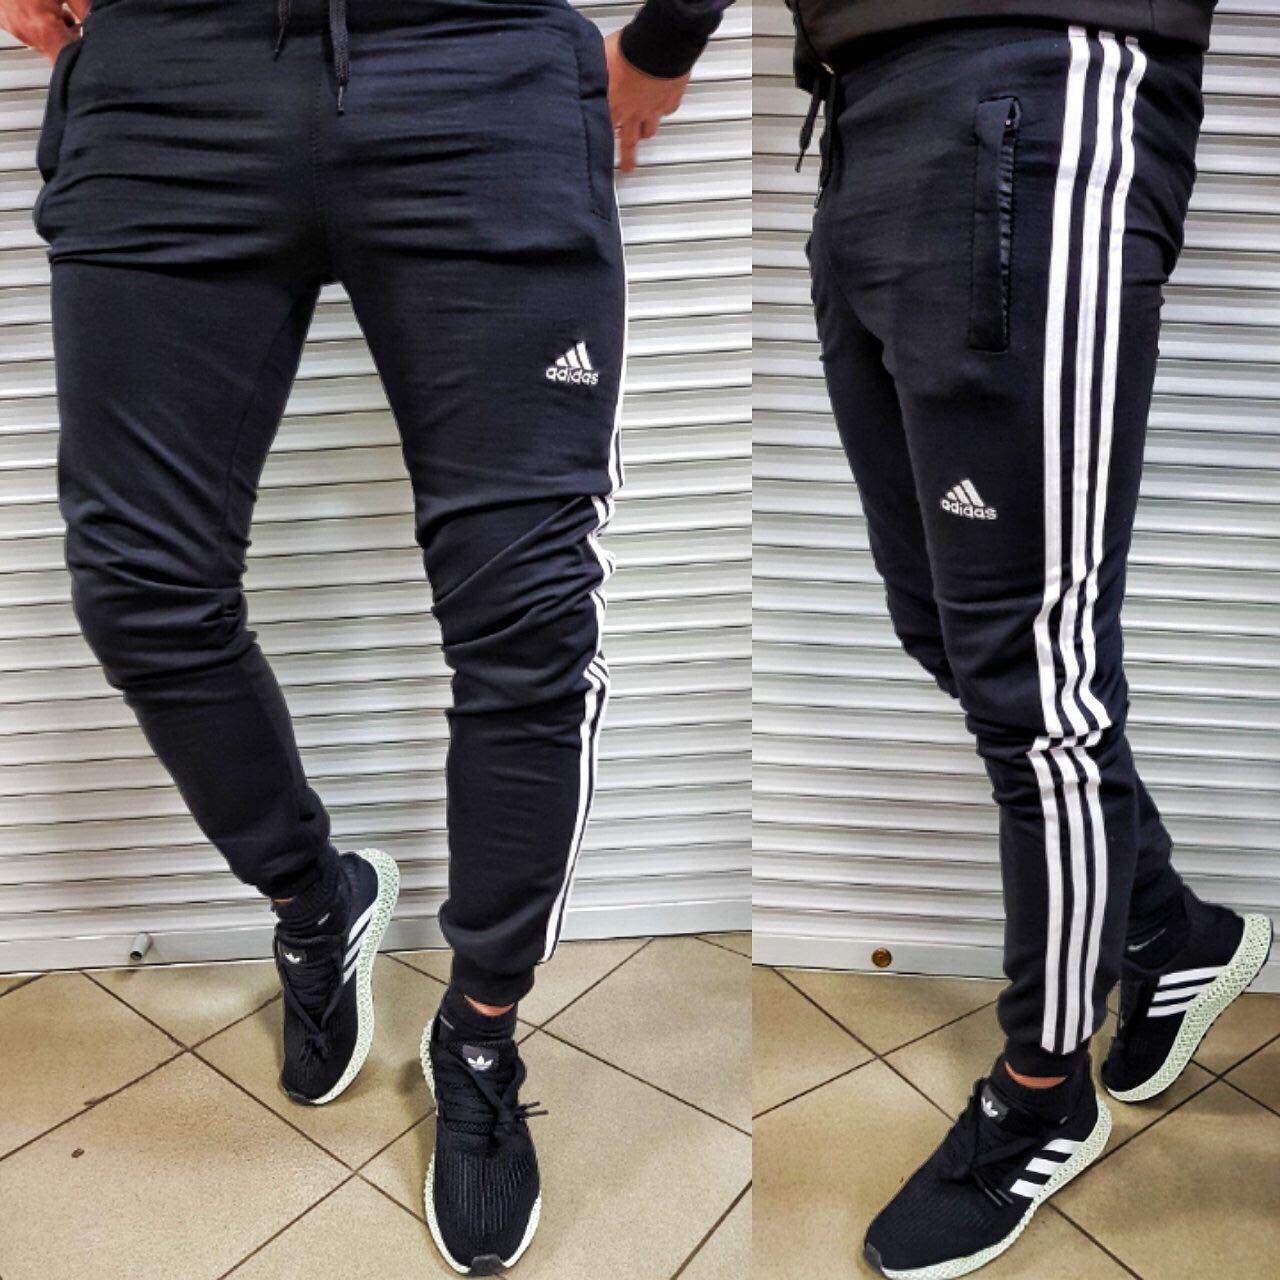 f84517fc Мужские спортивные штаны Adidas: продажа, цена в Киеве. спортивные ...